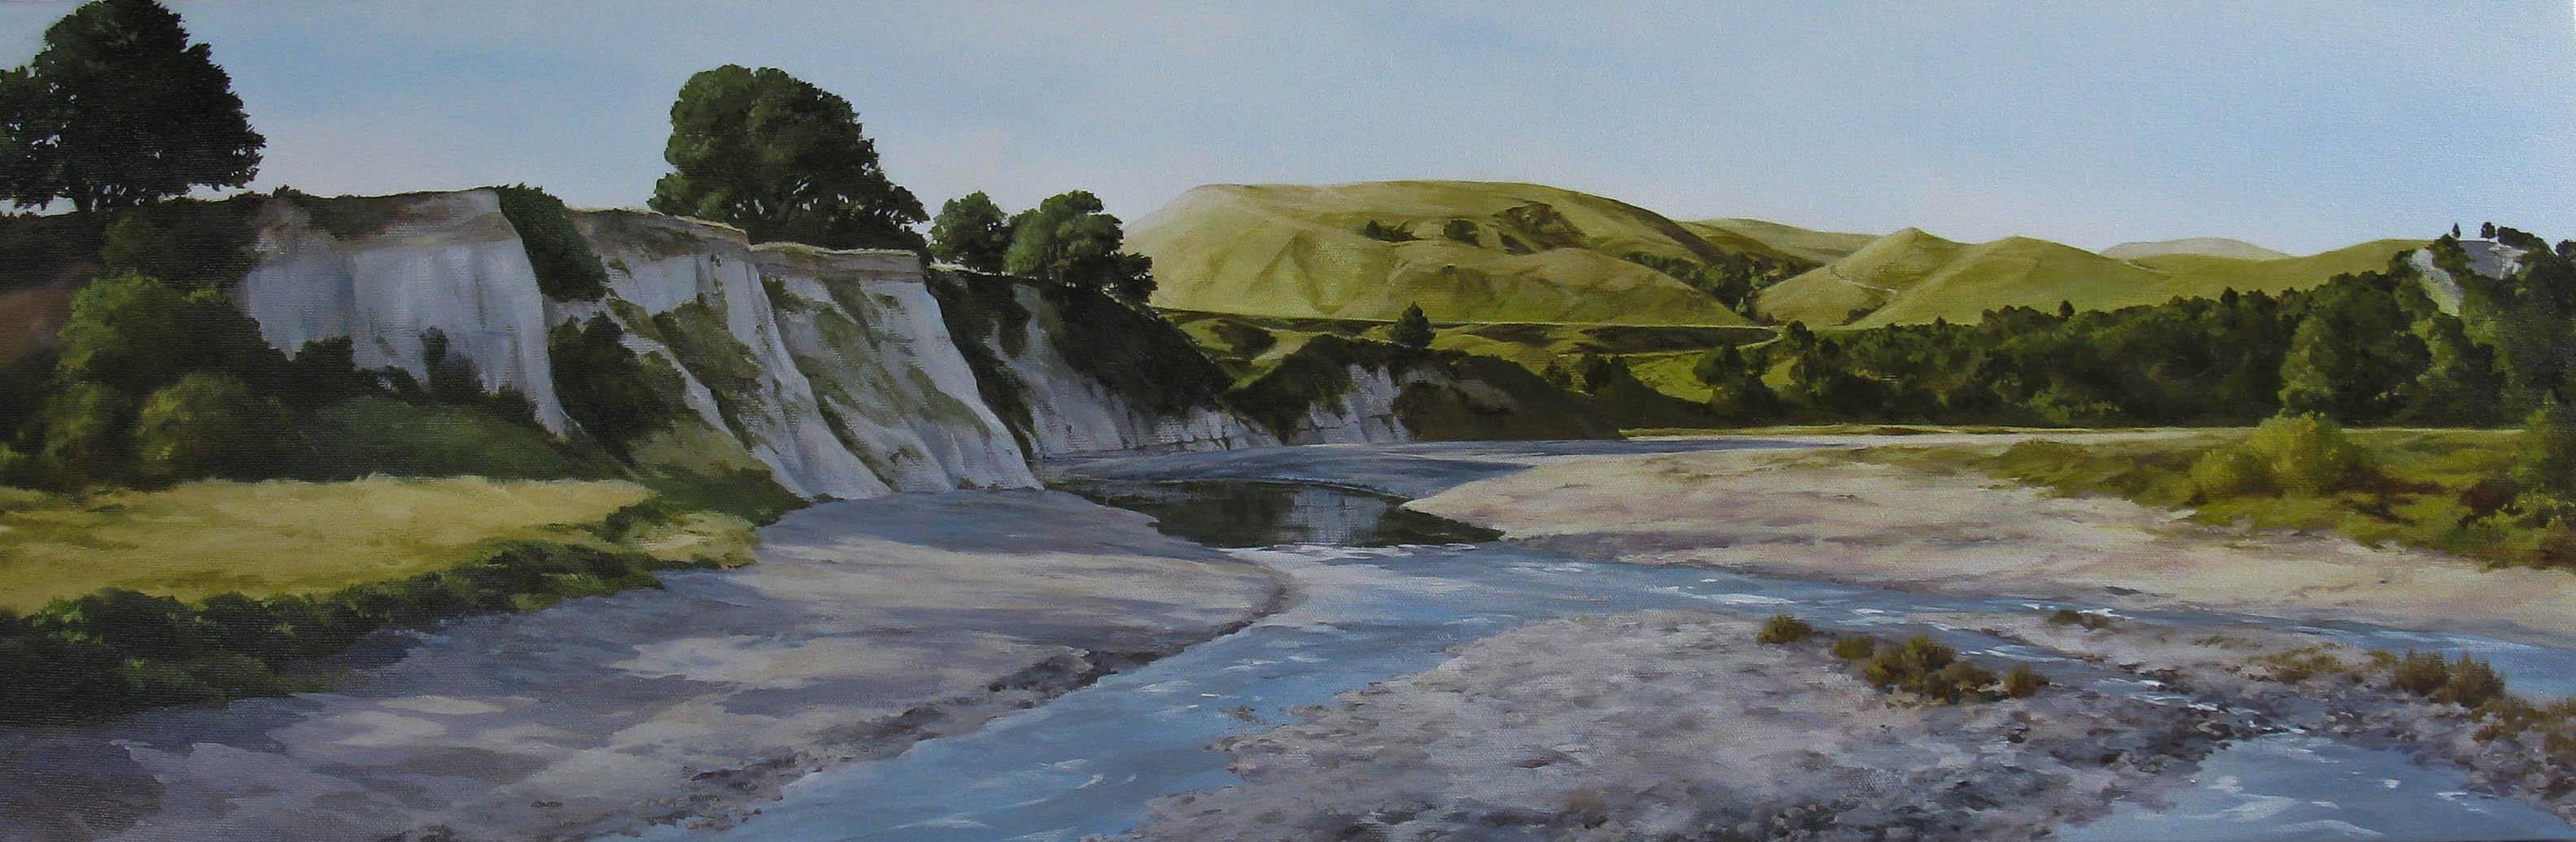 Mangahao River, North Wairarapa